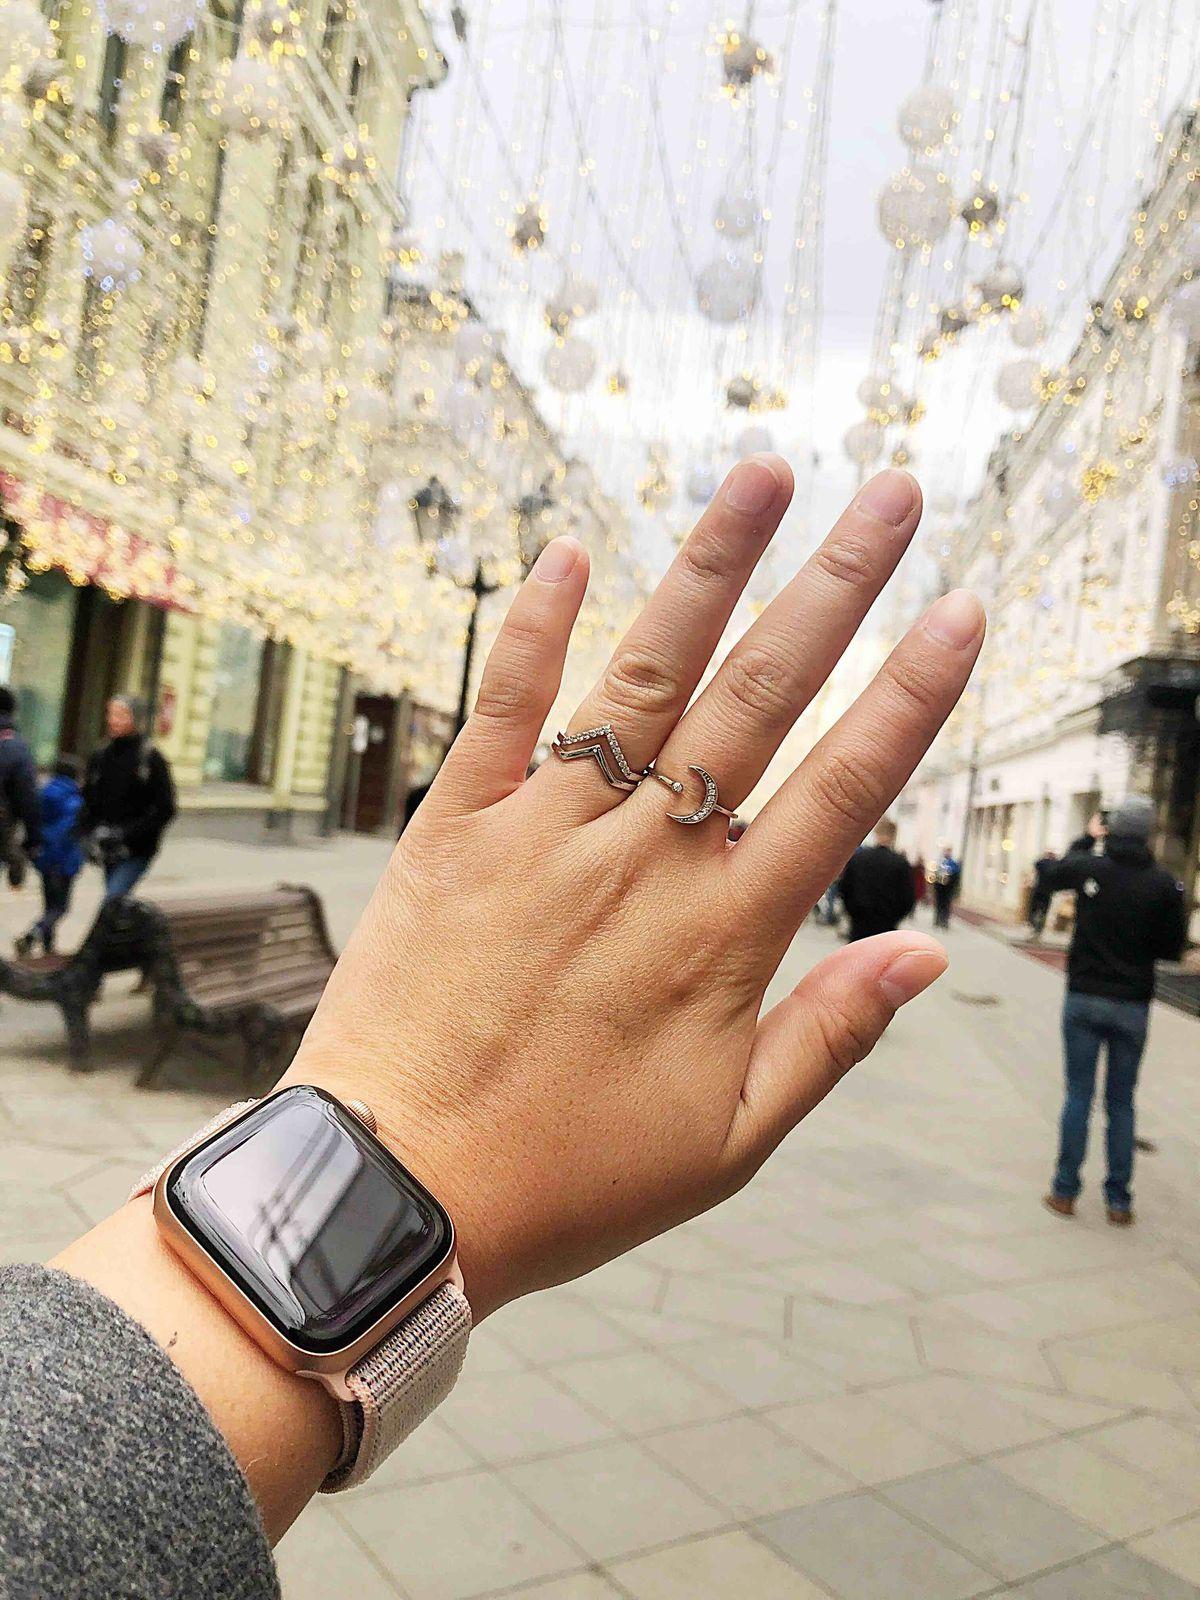 Симпатичноп кольцо